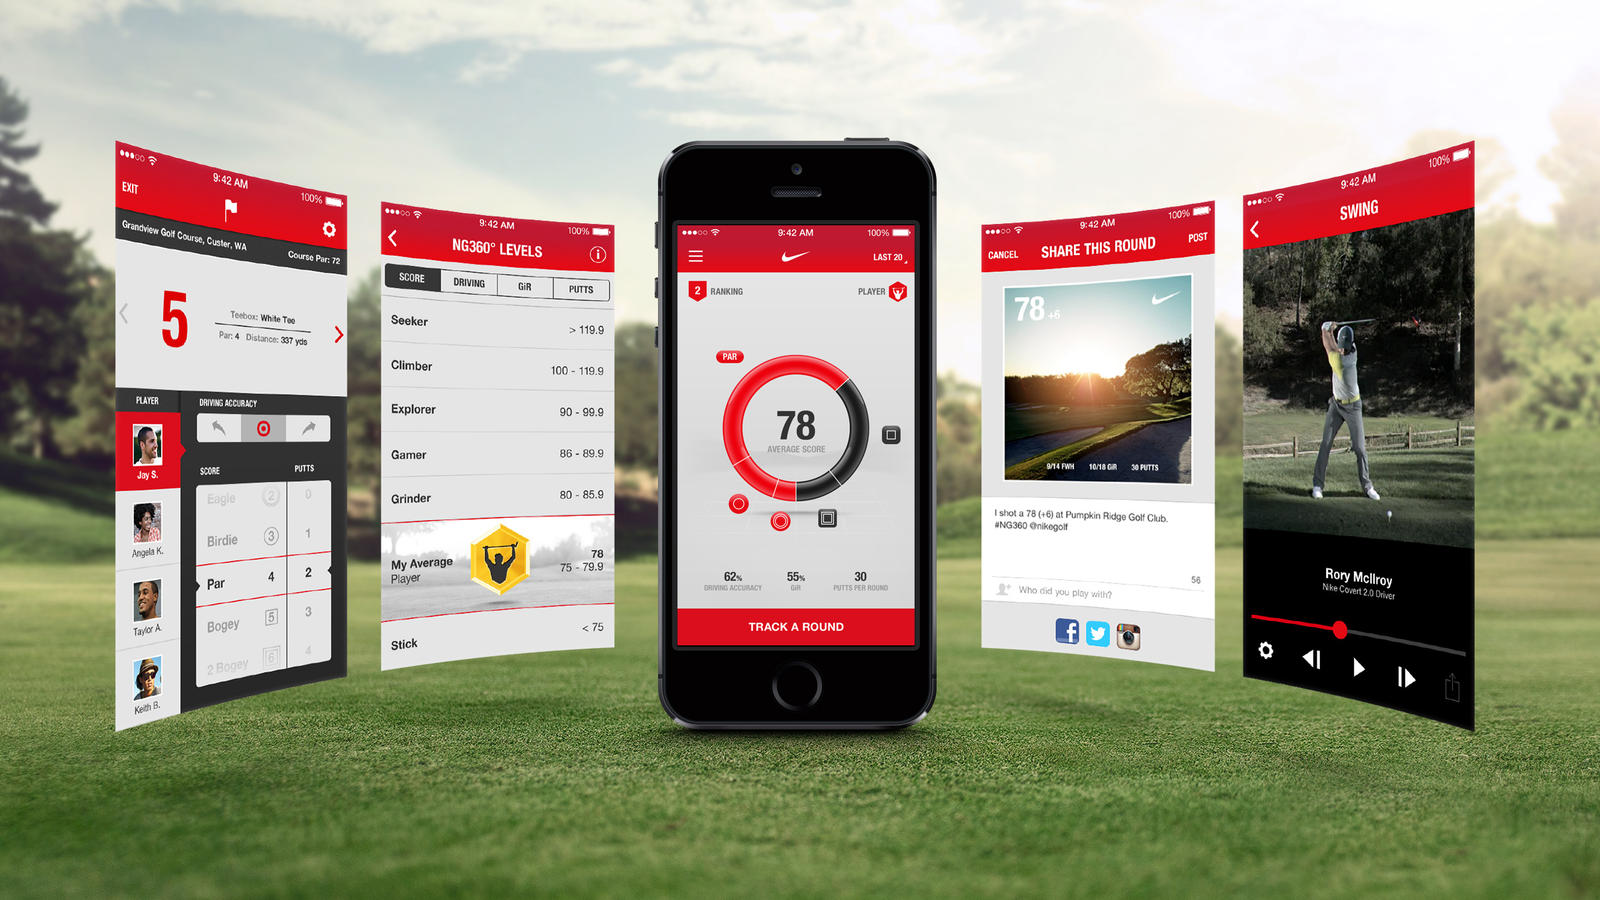 NG360 app updates